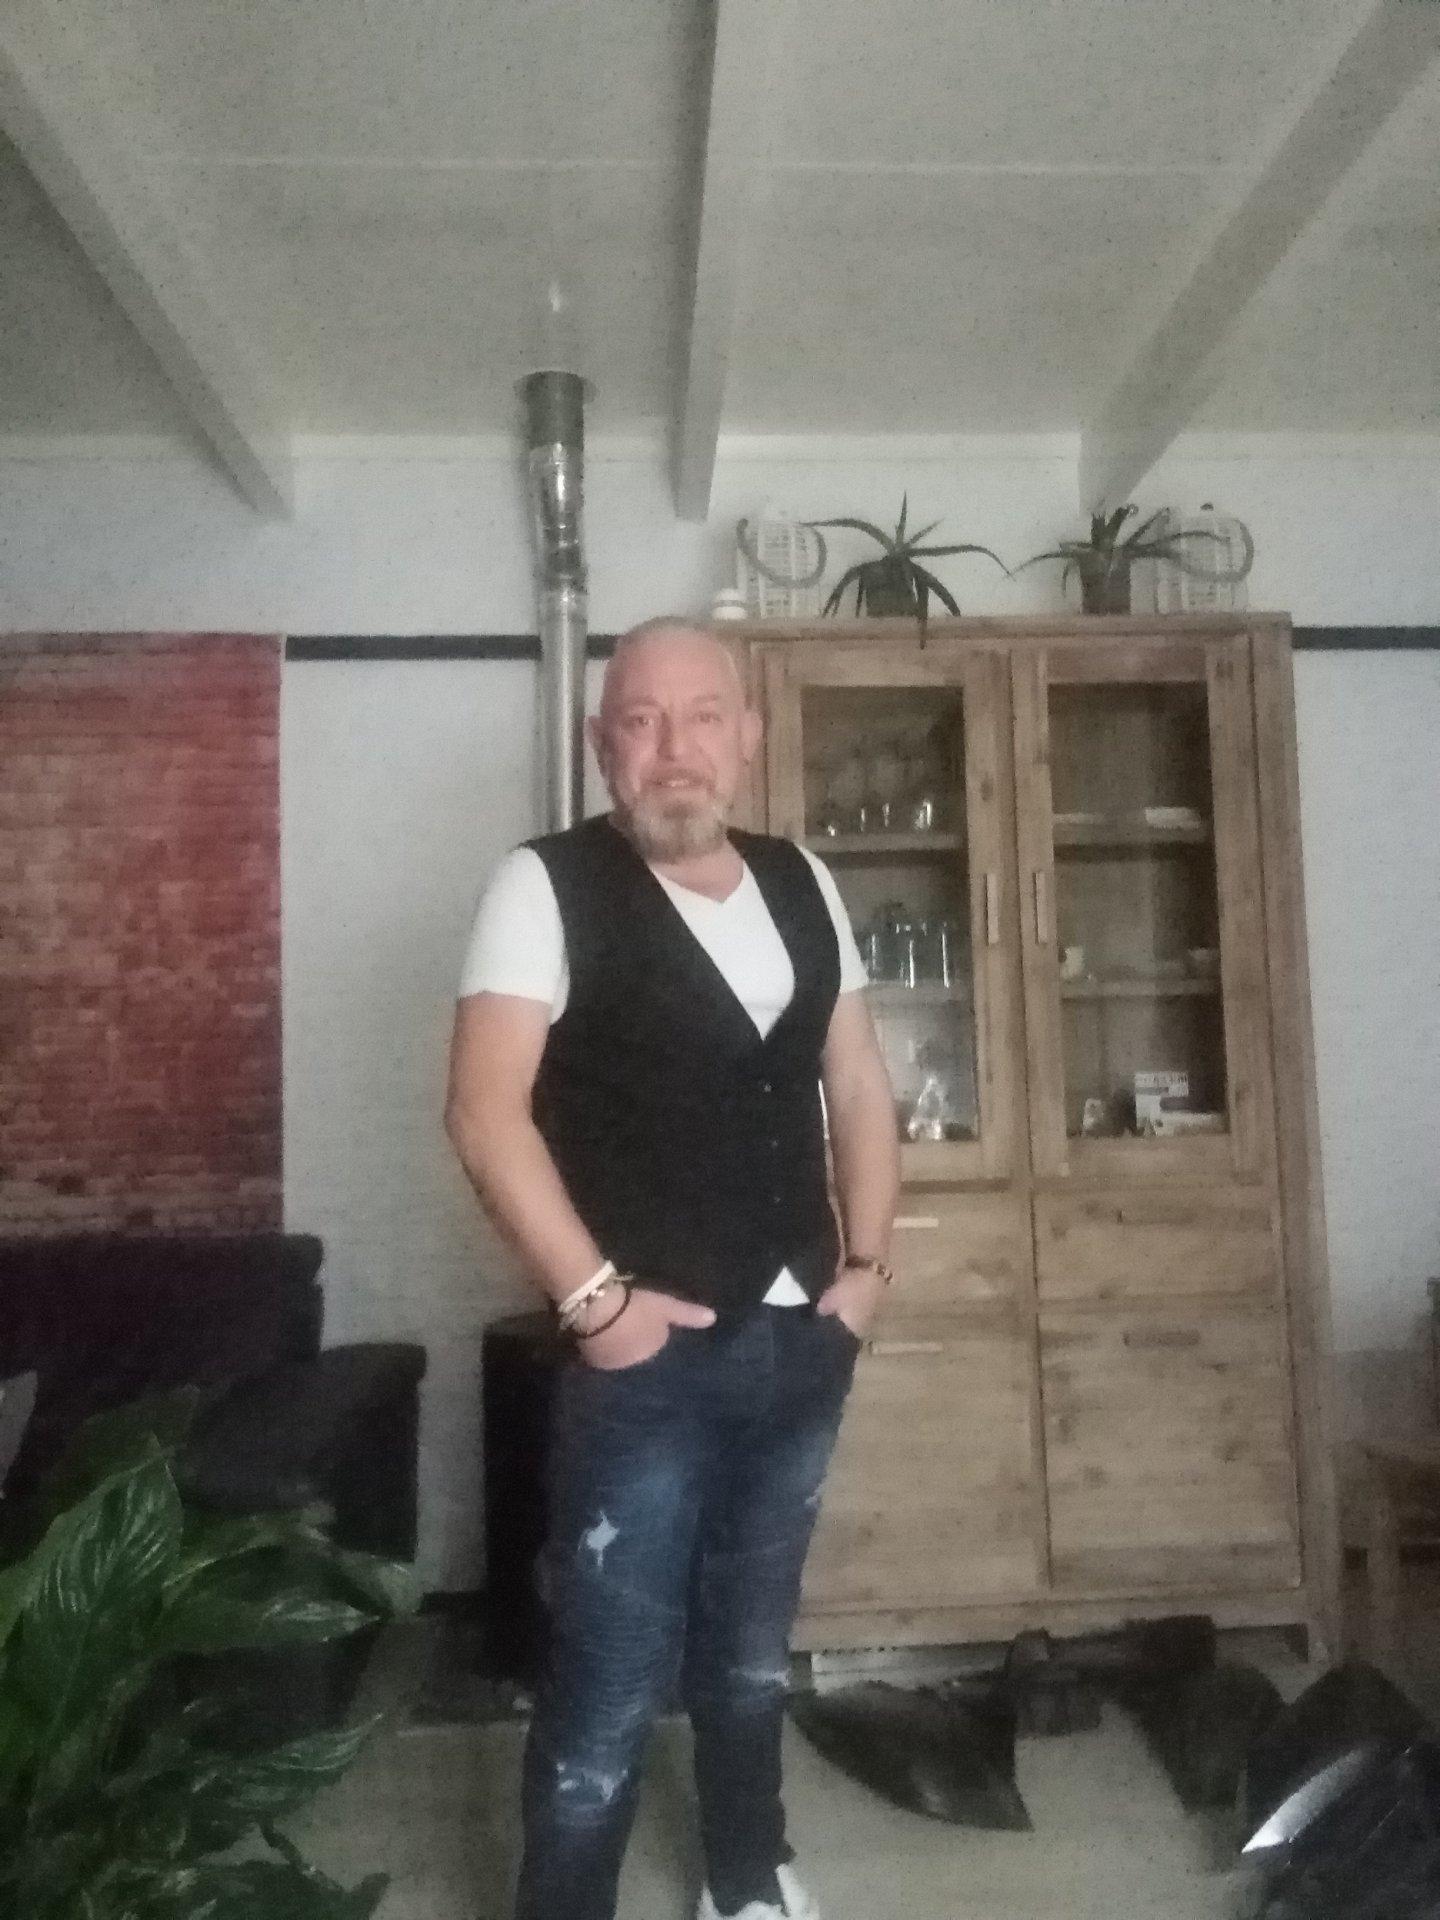 Ronnie308 uit Noord-Holland,Nederland